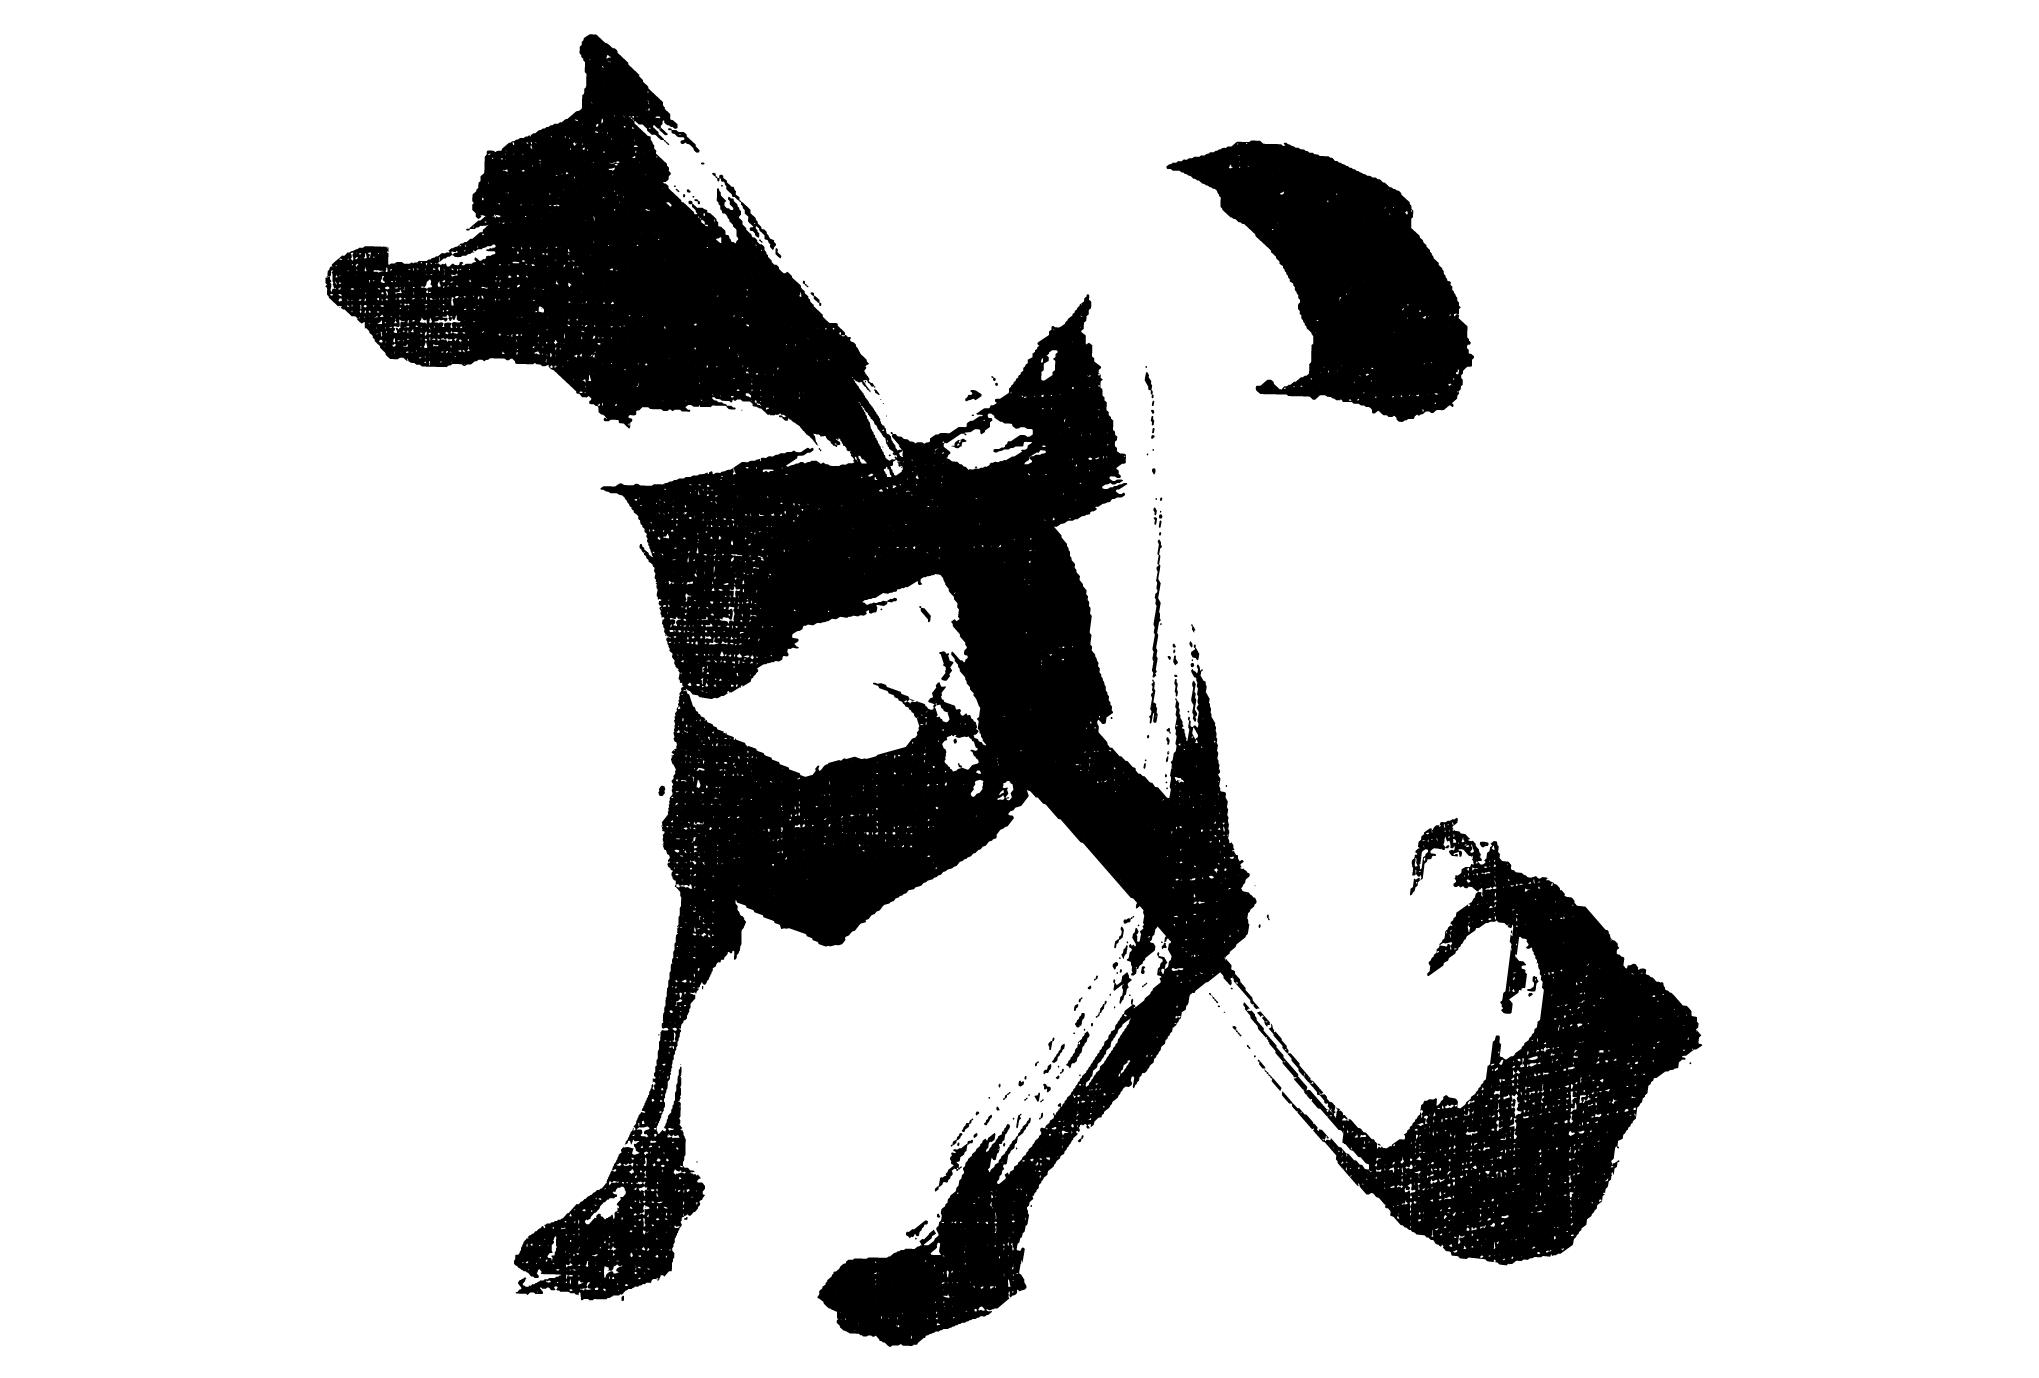 2018年賀状11-3:戌 Calligraphy – B(黒)のダウンロード画像